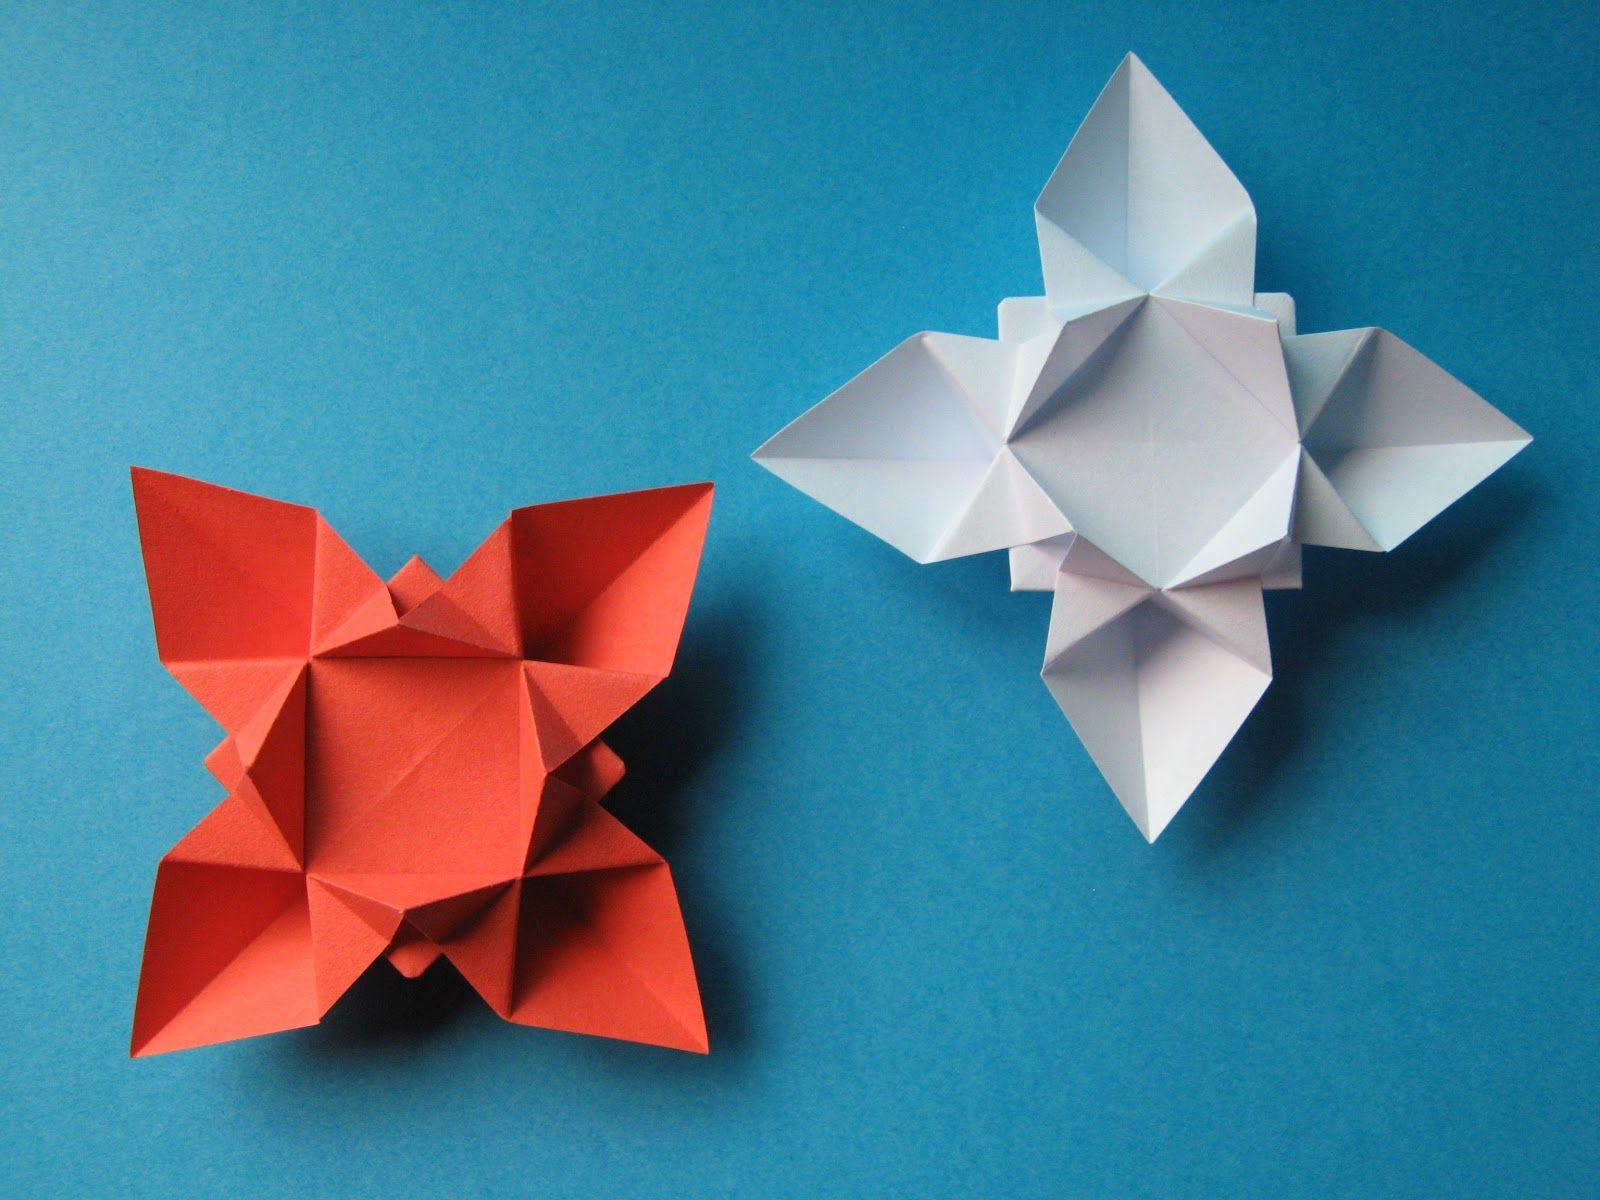 Fiore O Stella 1 Flower Or Star 1 By Francesco Guarnieri Origami